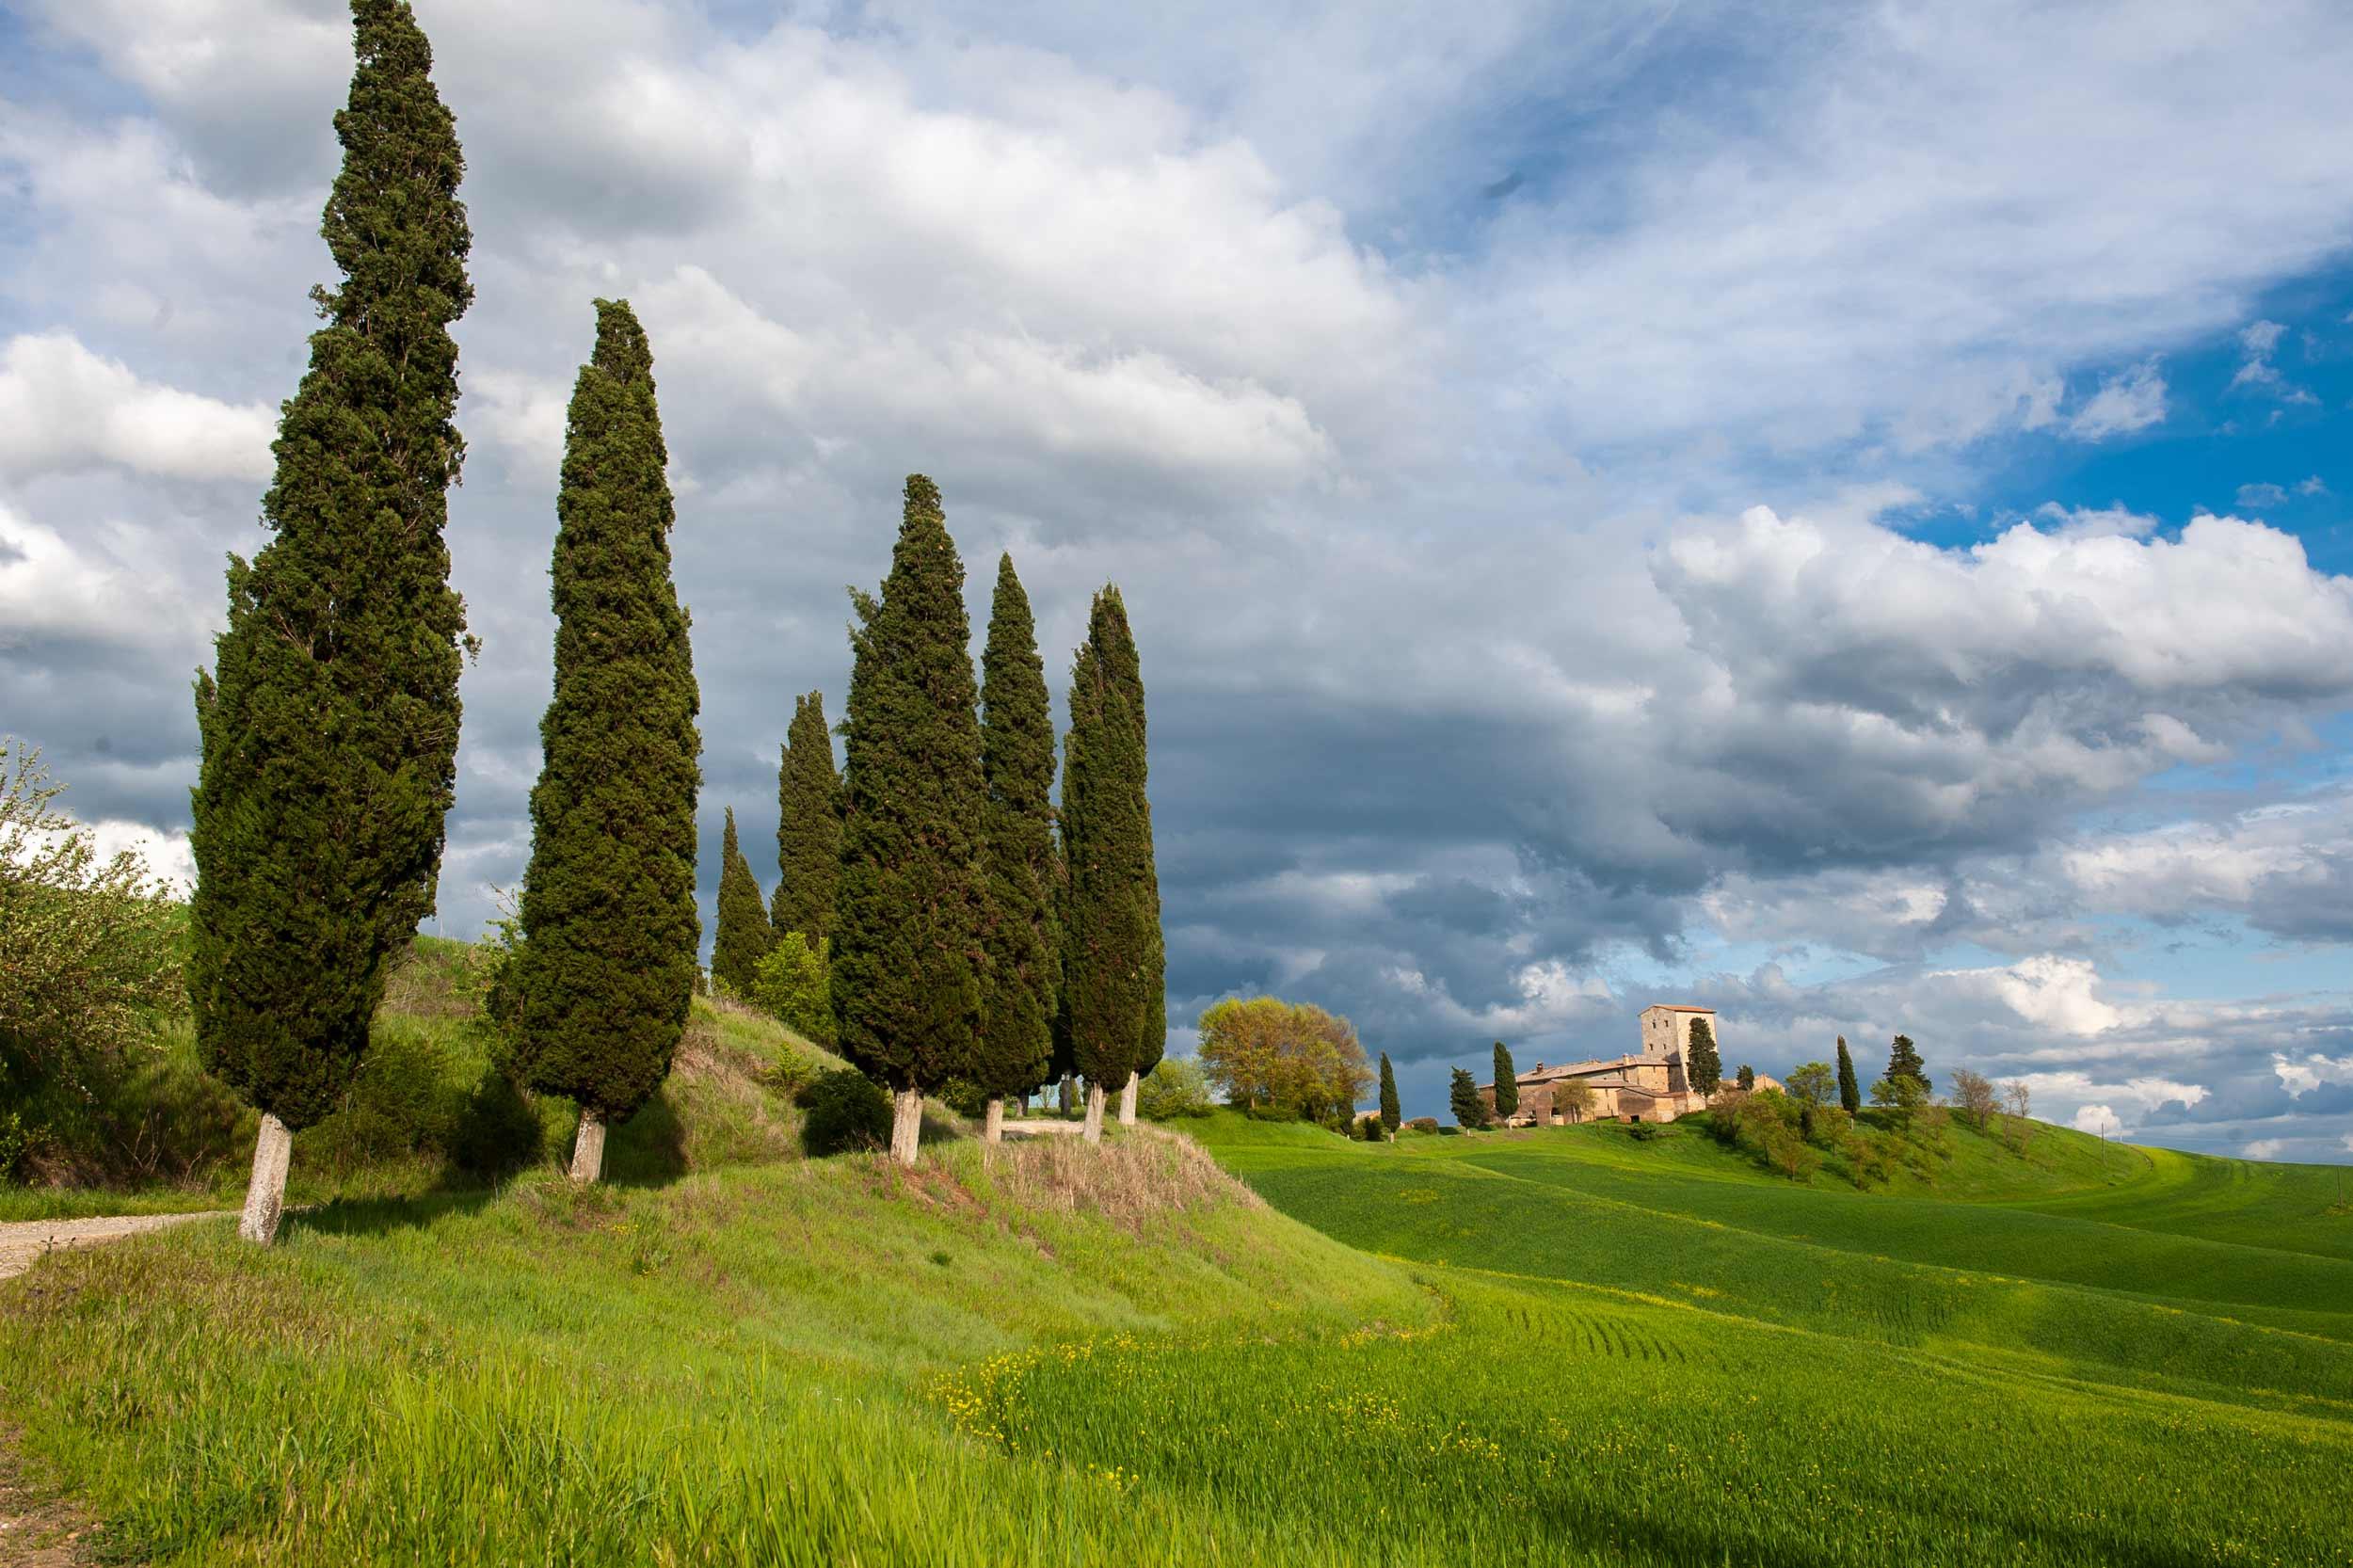 Ville di Corsano Crete Senesi Toscana